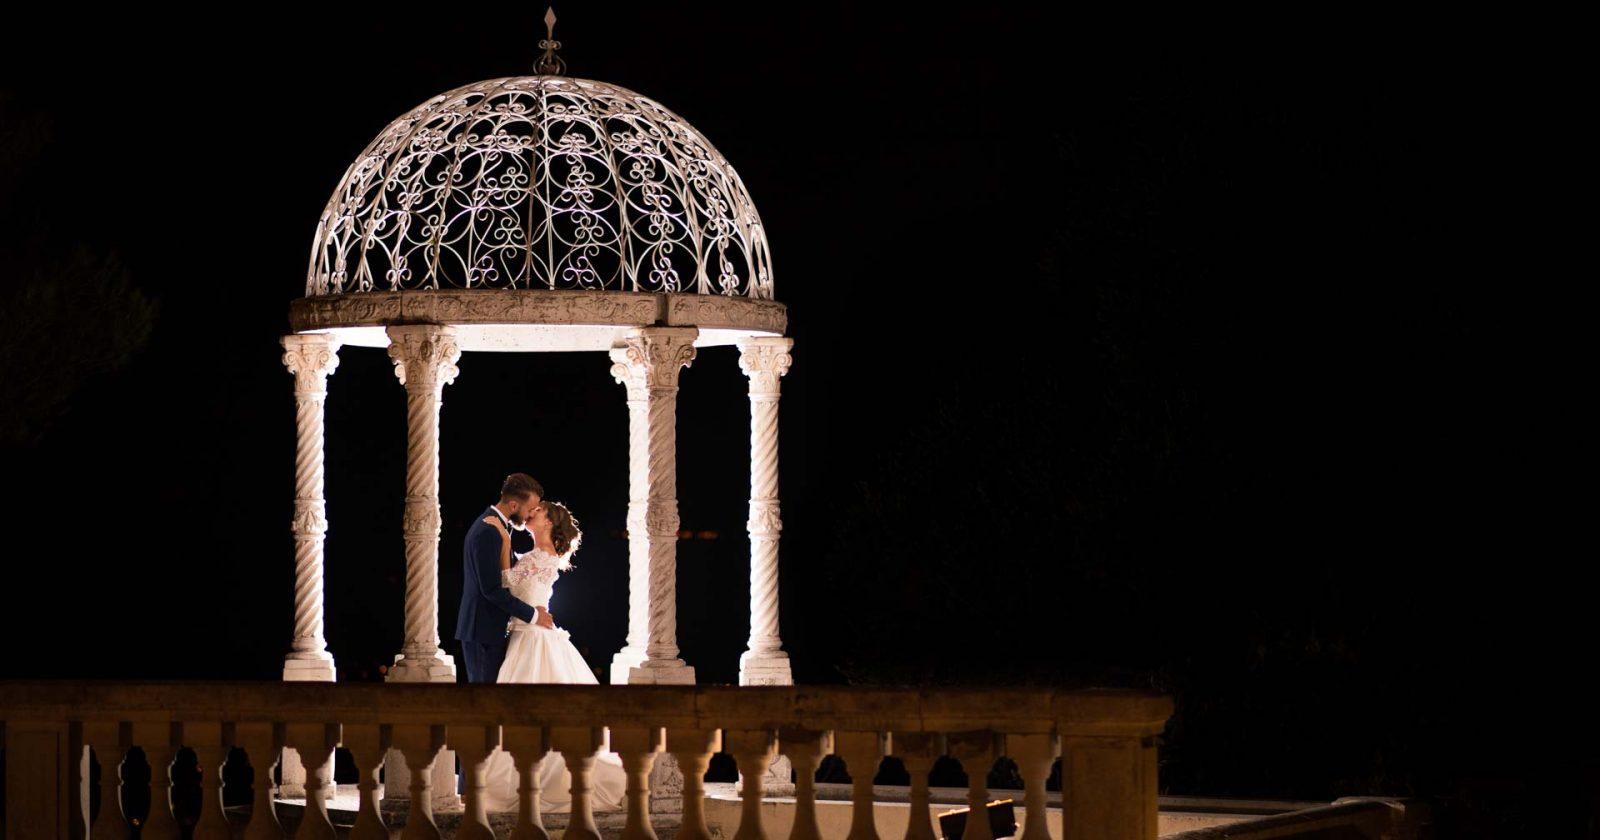 photographe mariage 05 gap - Photographe Mariage Hautes Alpes